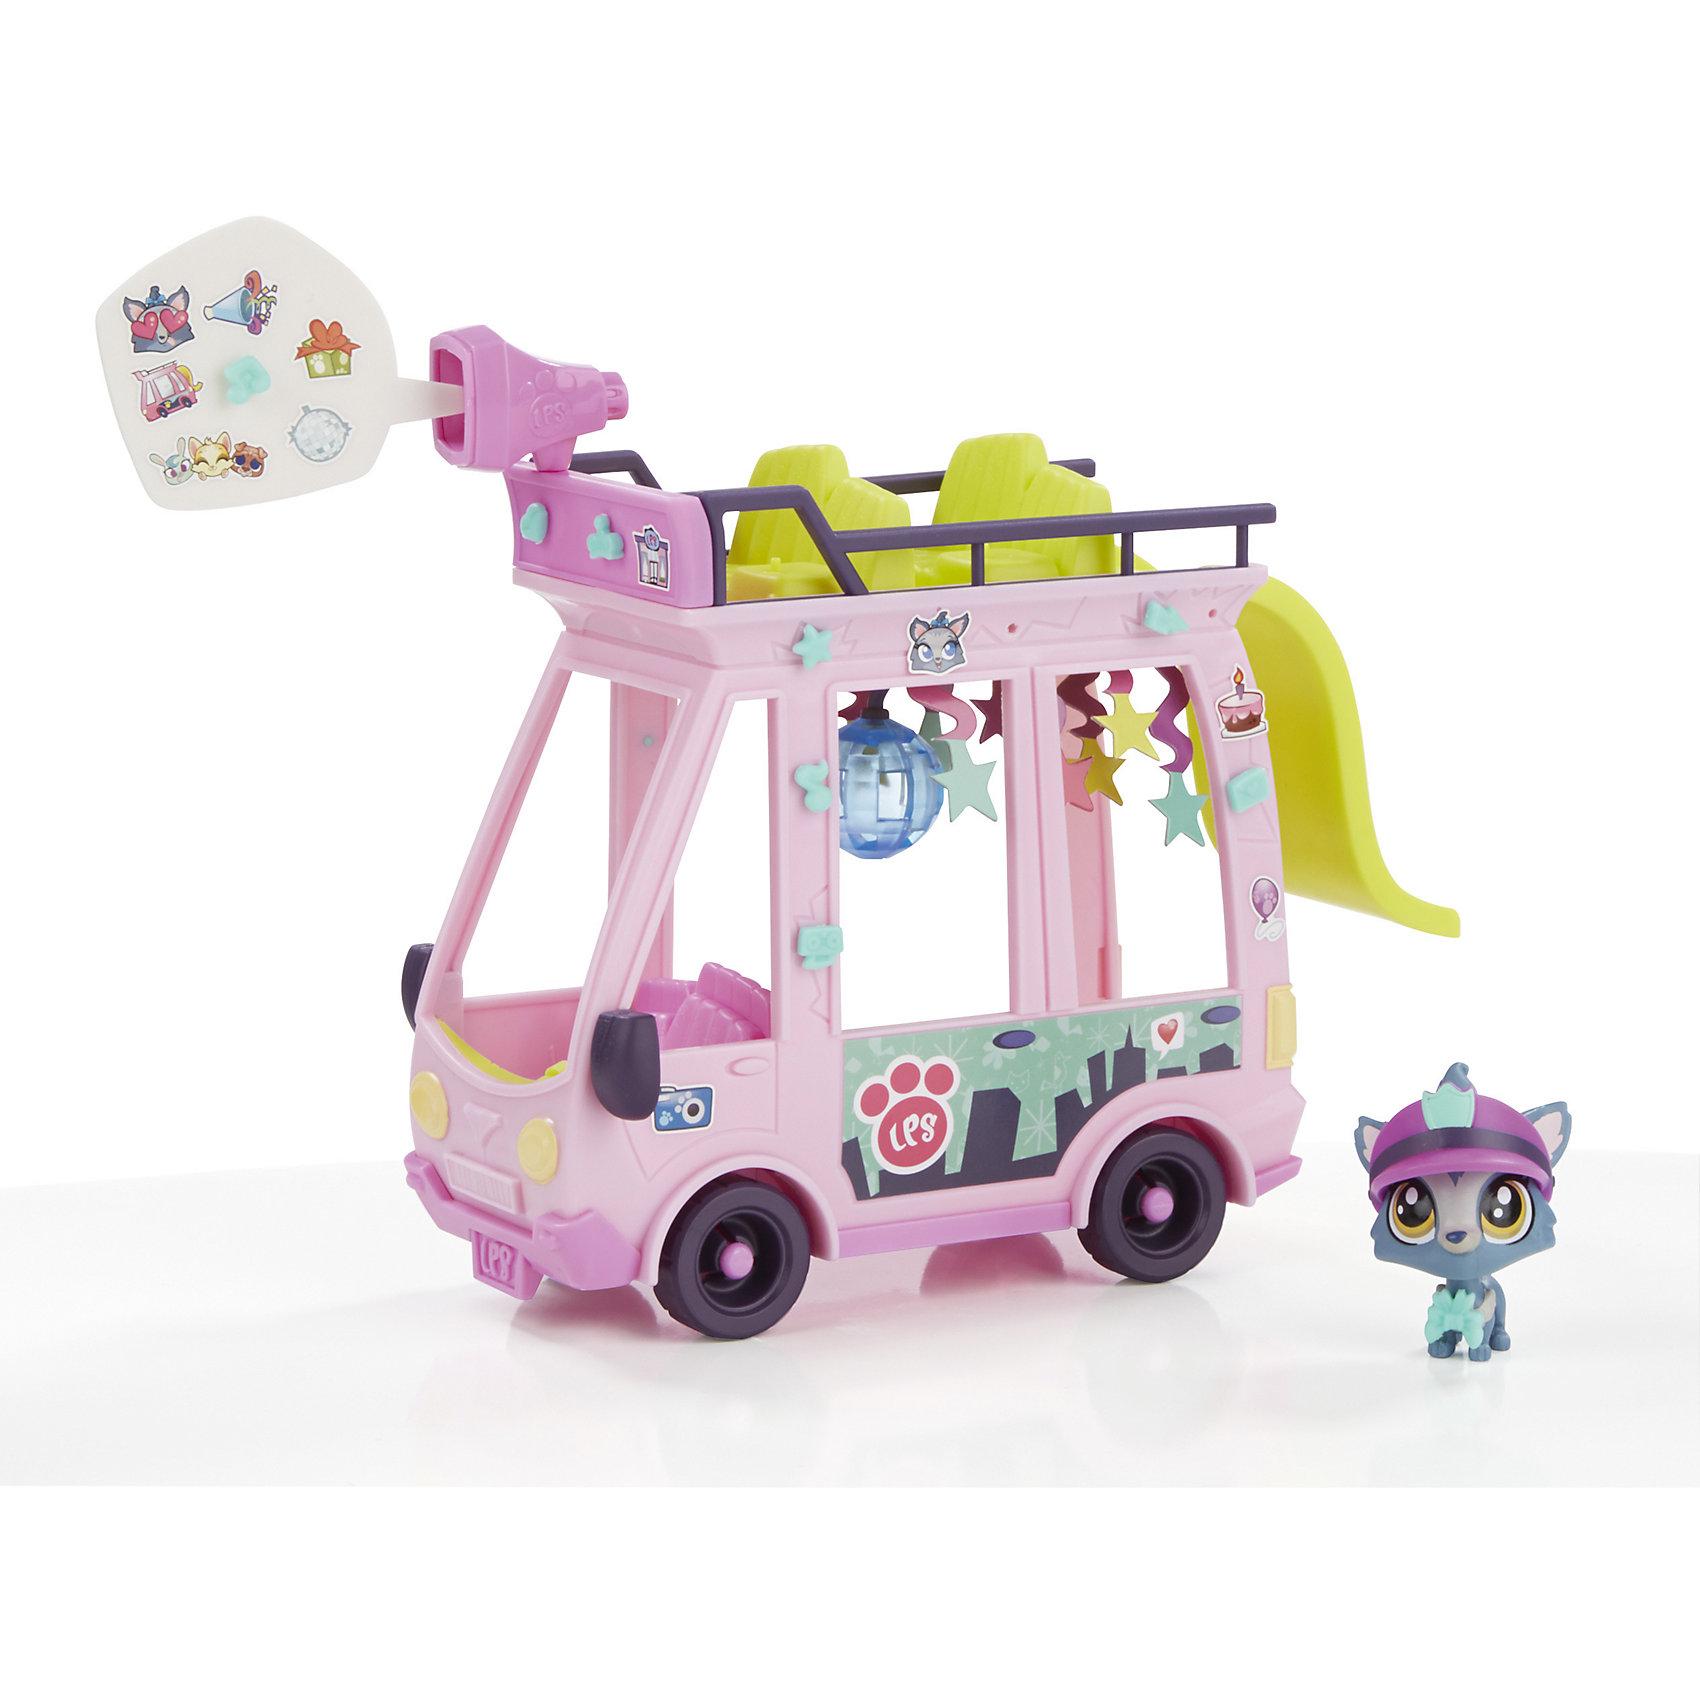 Игровой набор Автобус, Littlest Pet Shop, HasbroПопулярные игрушки<br>Характеристики товара:<br><br>• возраст от 4 лет;<br>• материал: пластик;<br>• в комплекте: фигурка, автобус, наклейки;<br>• размер упаковки 26,5х25,9х22,2 см;<br>• вес упаковки 318 гр.;<br>• страна производитель: Китай.<br><br>Игровой набор «Автобус» Littlest Pet Shop Hasbro позволит детям весело провести время и придумать много увлекательных игр. В автобус помещается до 10 фигурок. Их можно усадить на сидения автобуса. Внутри автобуса висит цветной шар для проведения зажигательной вечеринки. Над кабиной имеется мегафон. С помощью наклеек можно украсить автобус, проявив фантазию.<br><br>Игровой набор «Автобус» Littlest Pet Shop Hasbro можно приобрести в нашем интернет-магазине.<br><br>Ширина мм: 265<br>Глубина мм: 259<br>Высота мм: 222<br>Вес г: 318<br>Возраст от месяцев: 48<br>Возраст до месяцев: 2147483647<br>Пол: Женский<br>Возраст: Детский<br>SKU: 5622045